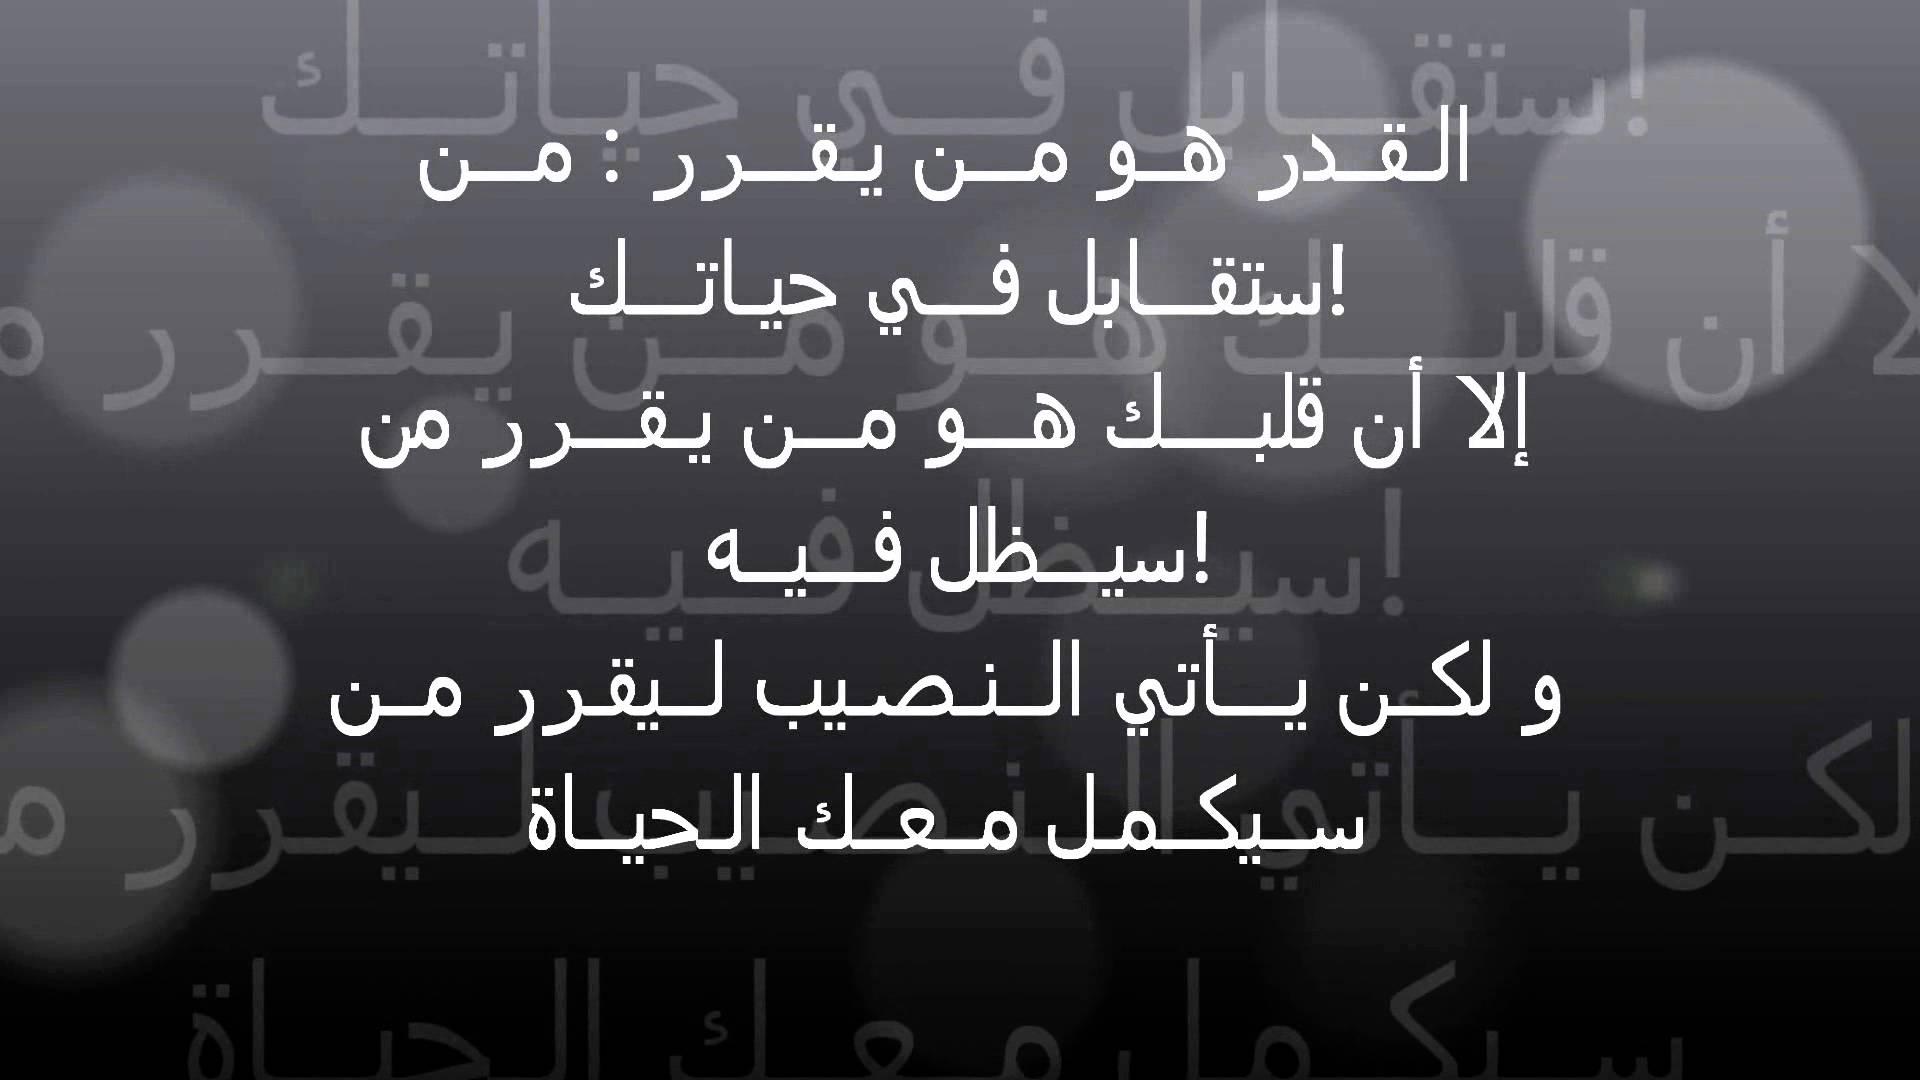 بالصور كلام فراق ووداع , دموع واهات يكتبها الفراق 1056 9